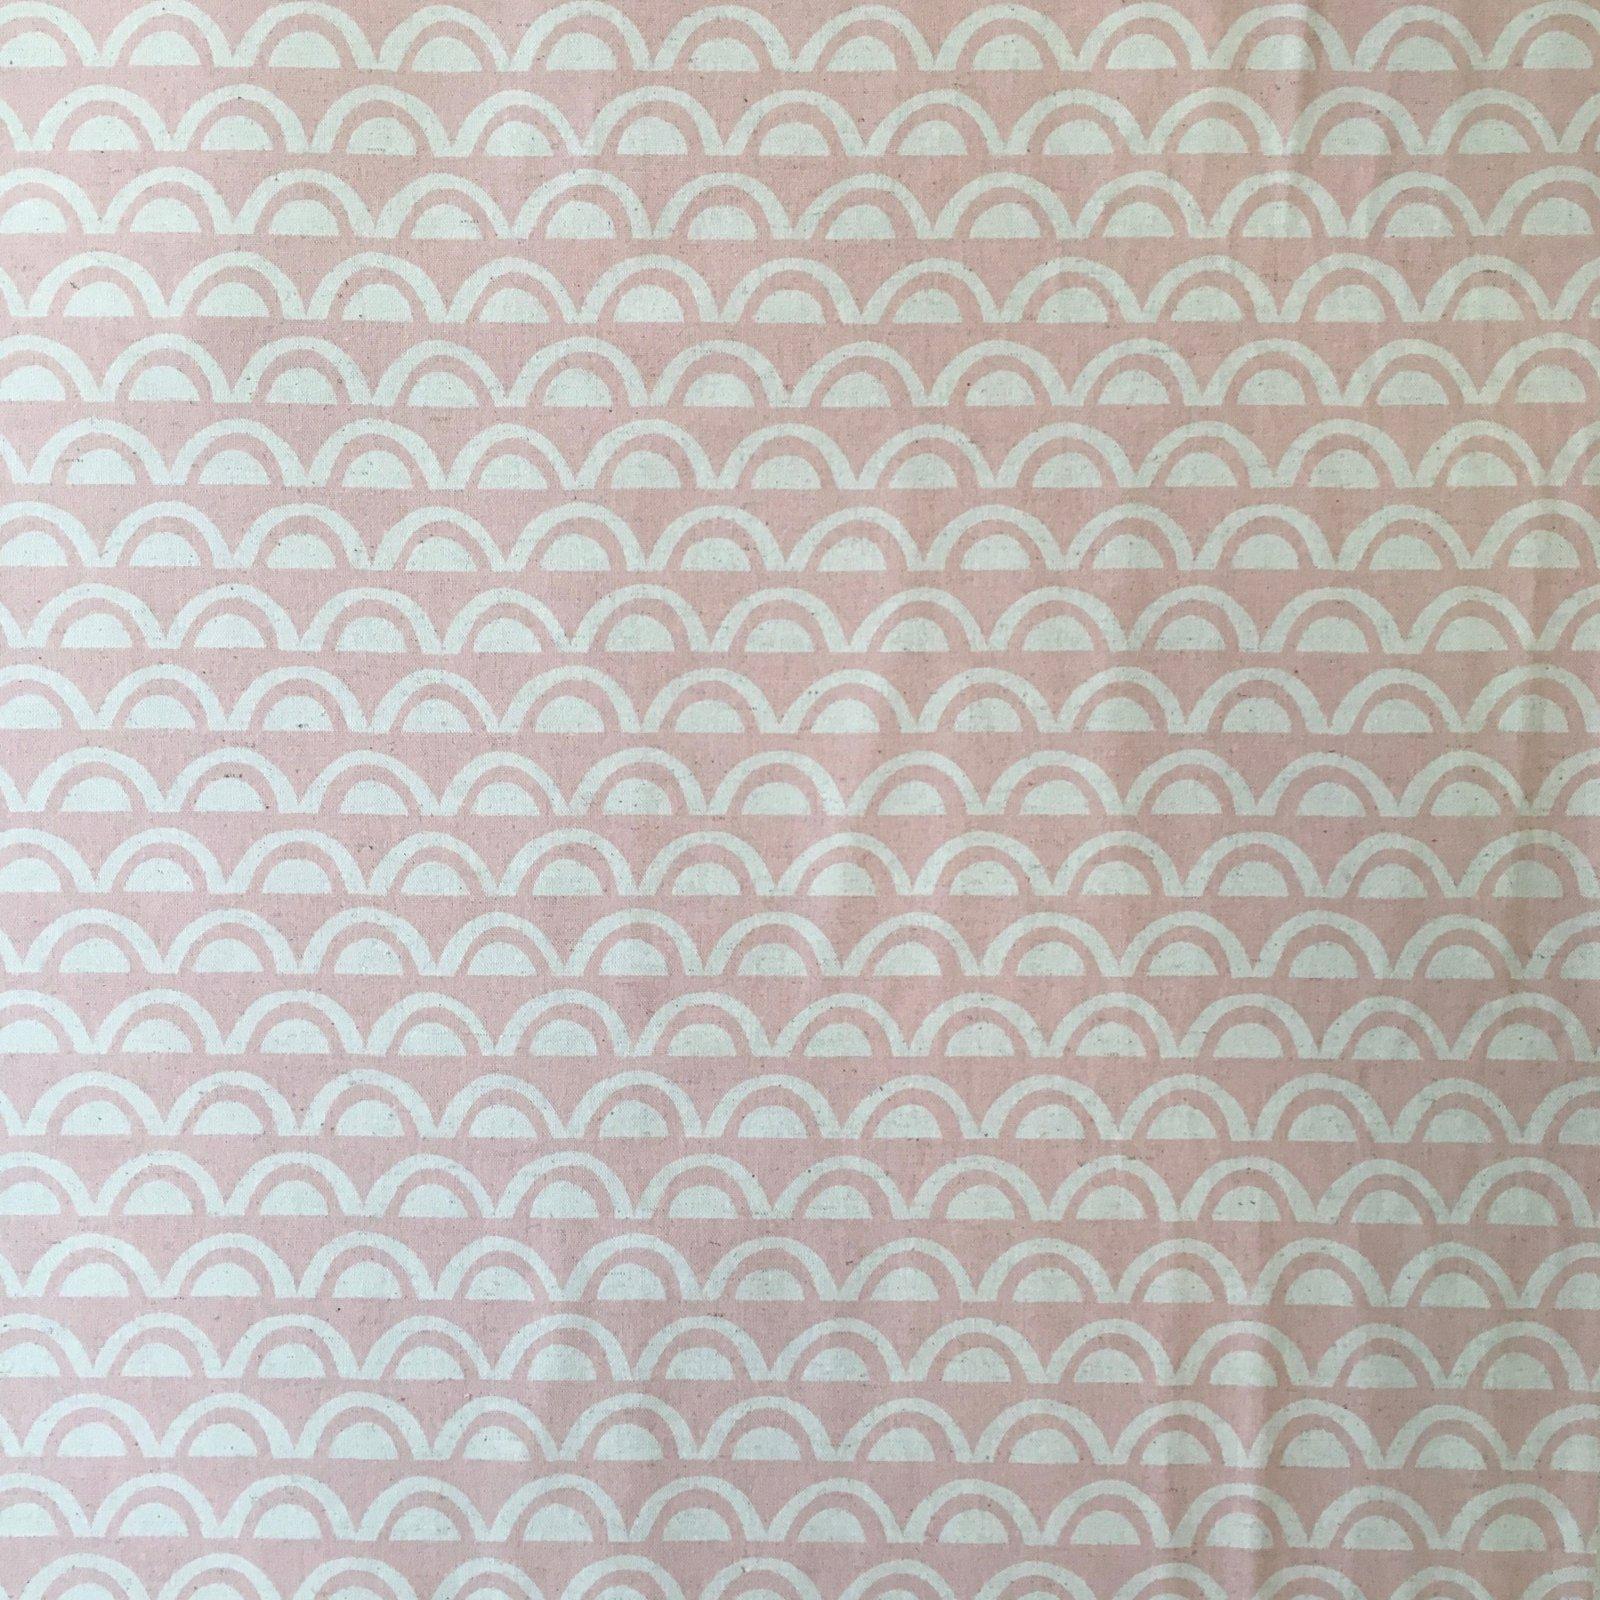 Ellen Baker Paper - Bridges (Pink)